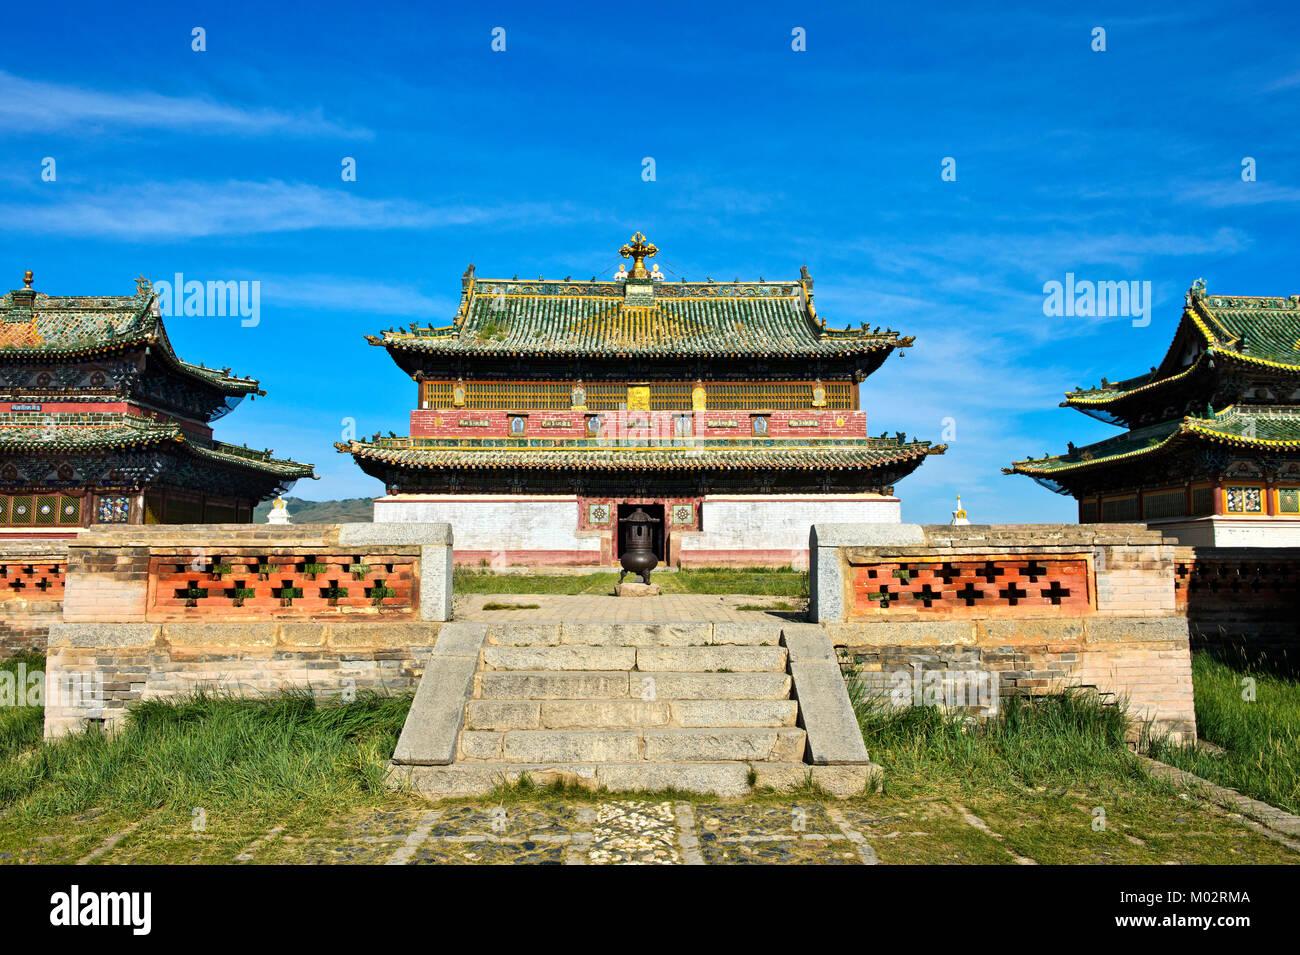 Mongolia, Kharkhorin: temple of the Erdene Zuu Monastery - Stock Image